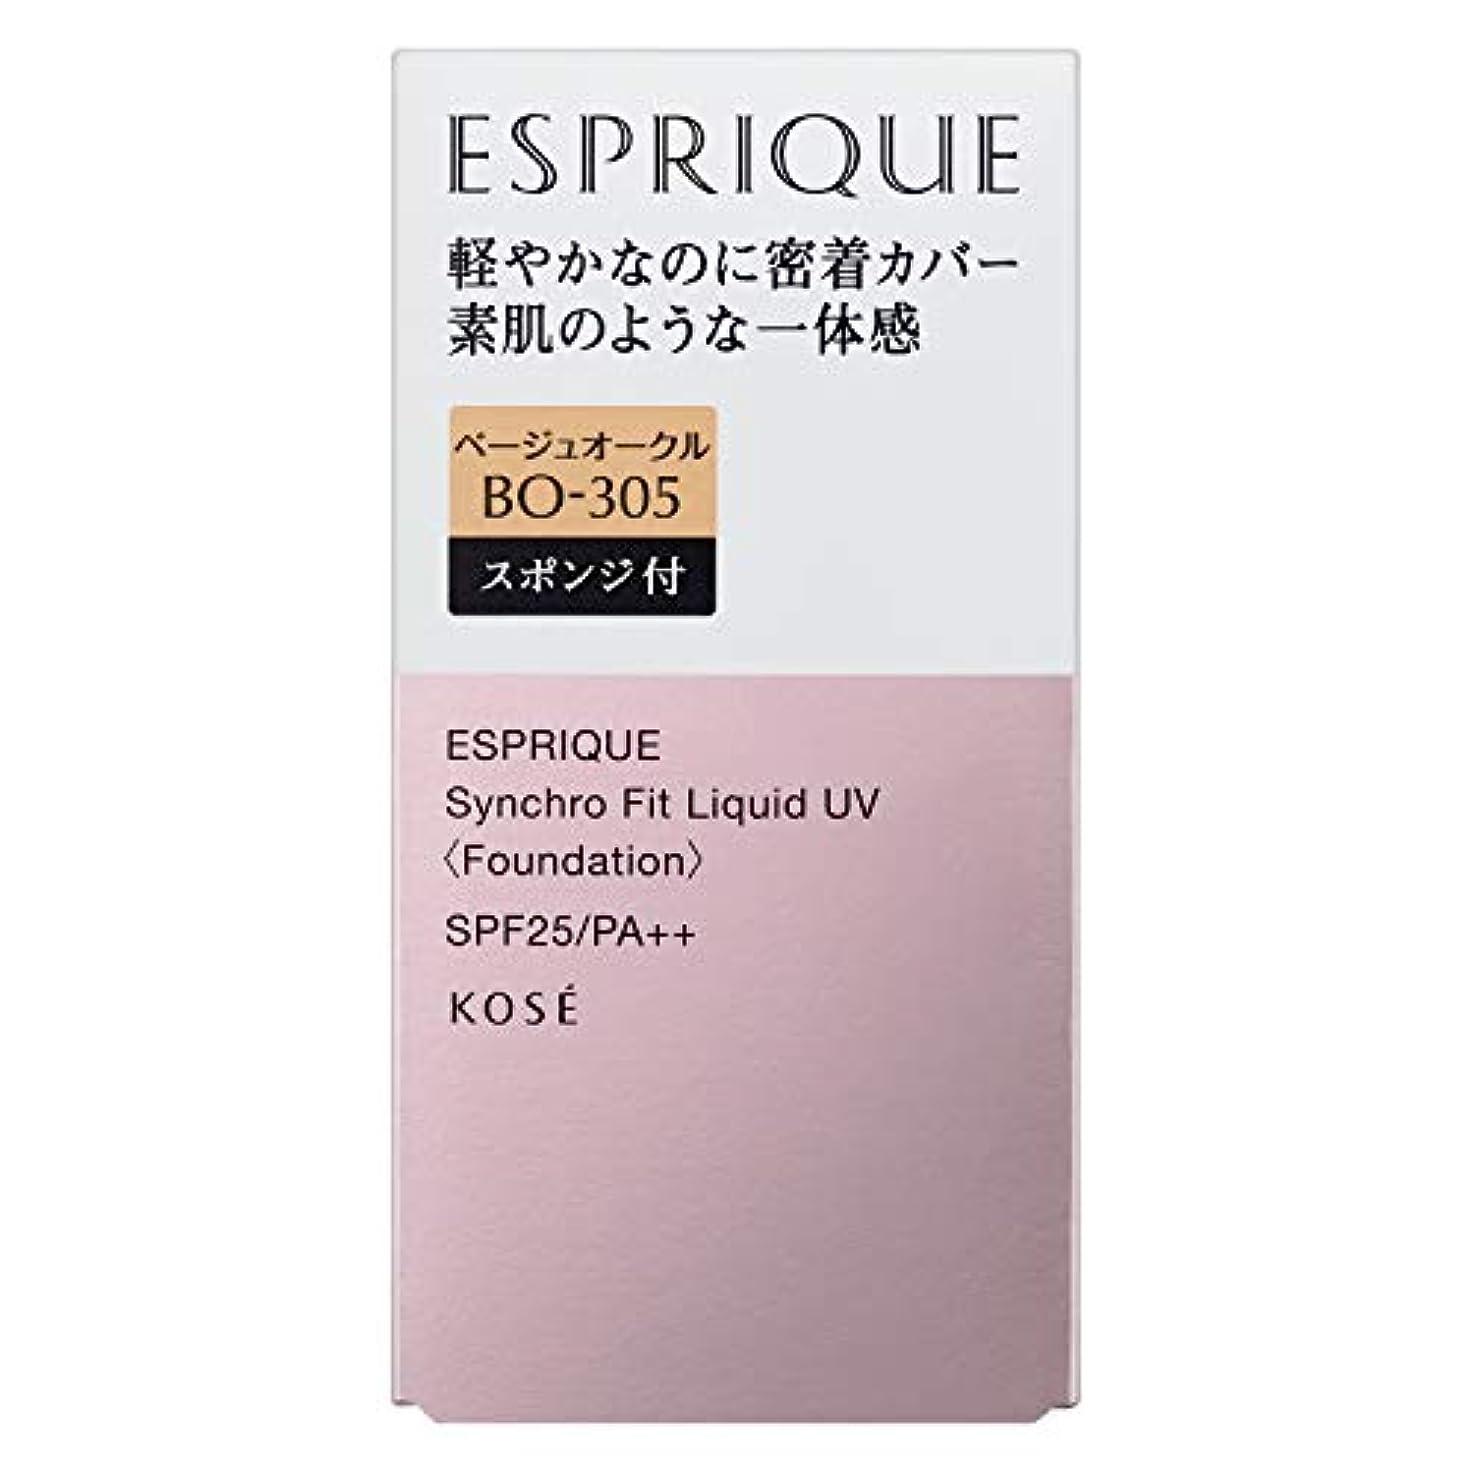 達成ラベンダー著名なESPRIQUE(エスプリーク) エスプリーク シンクロフィット リキッド UV ファンデーション 無香料 BO-305 ベージュオークル 30g